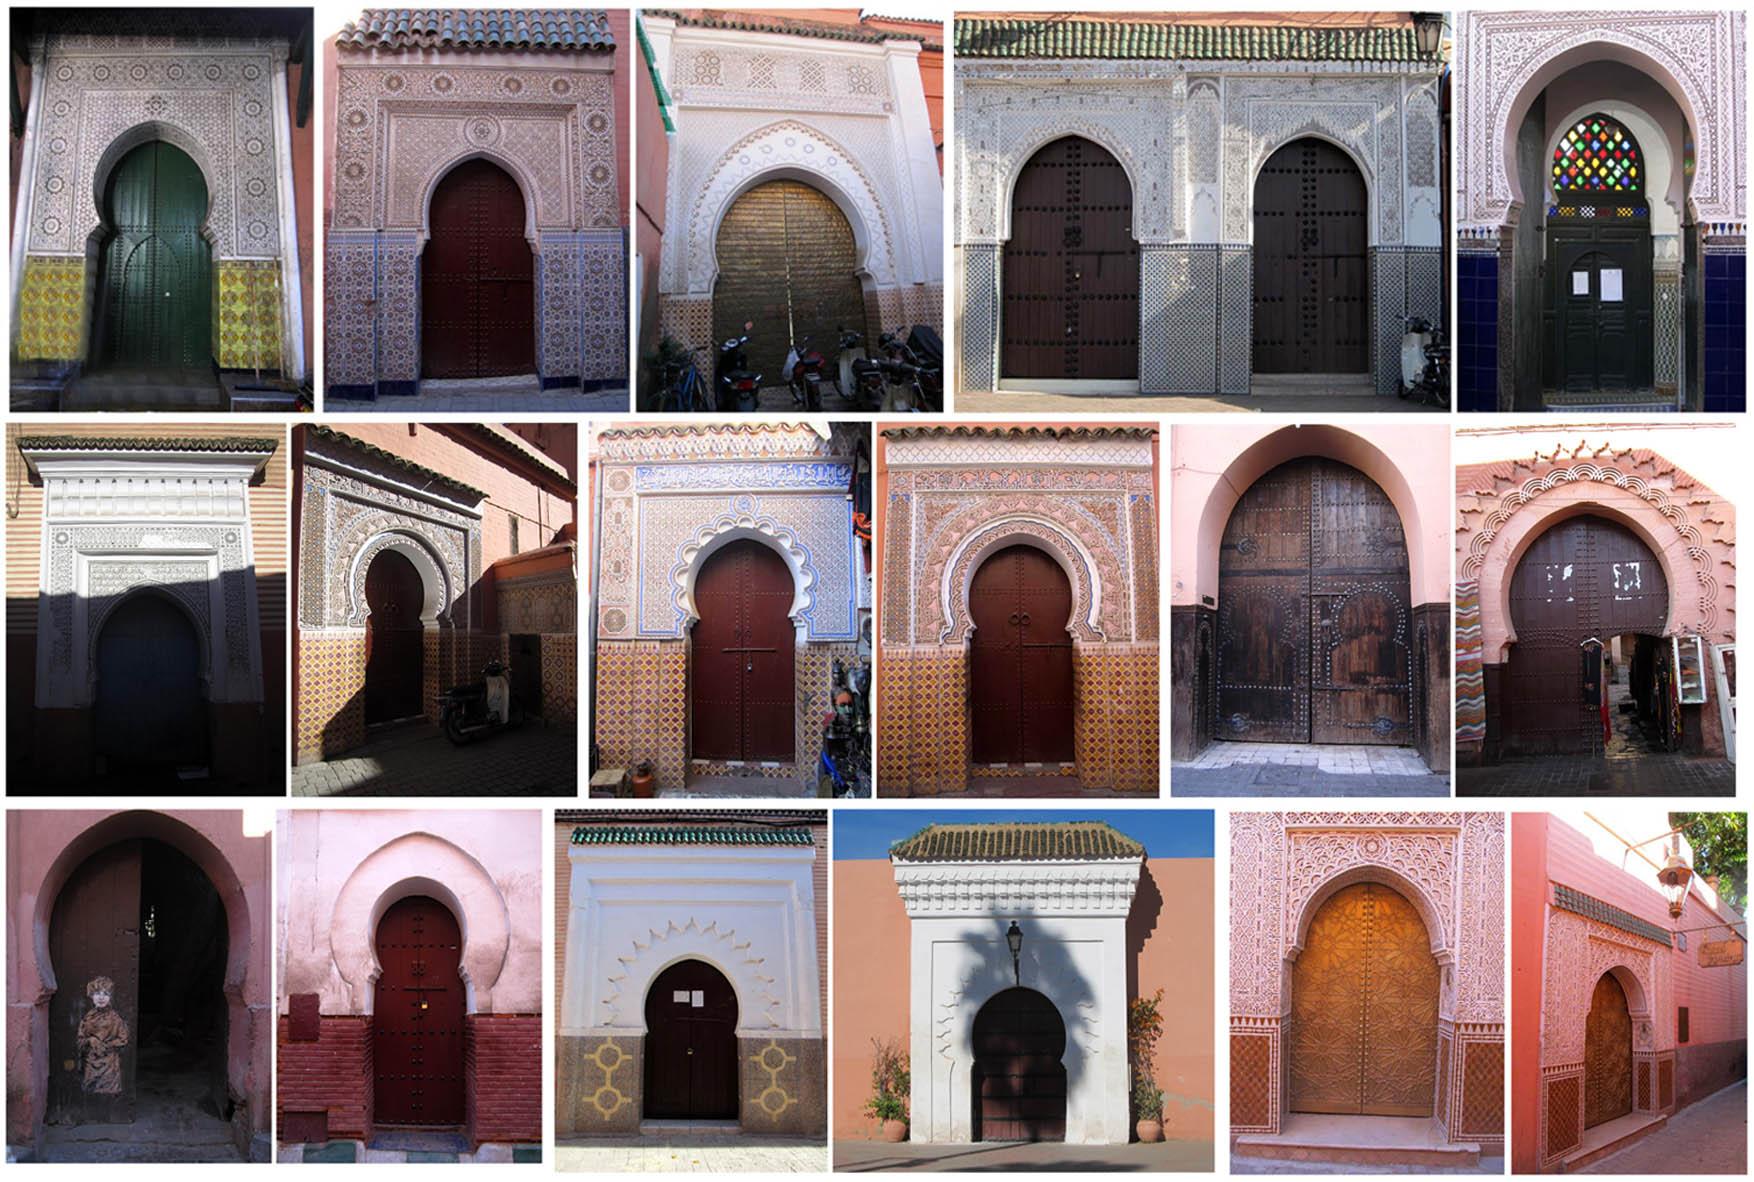 12 doors of Marrakesh